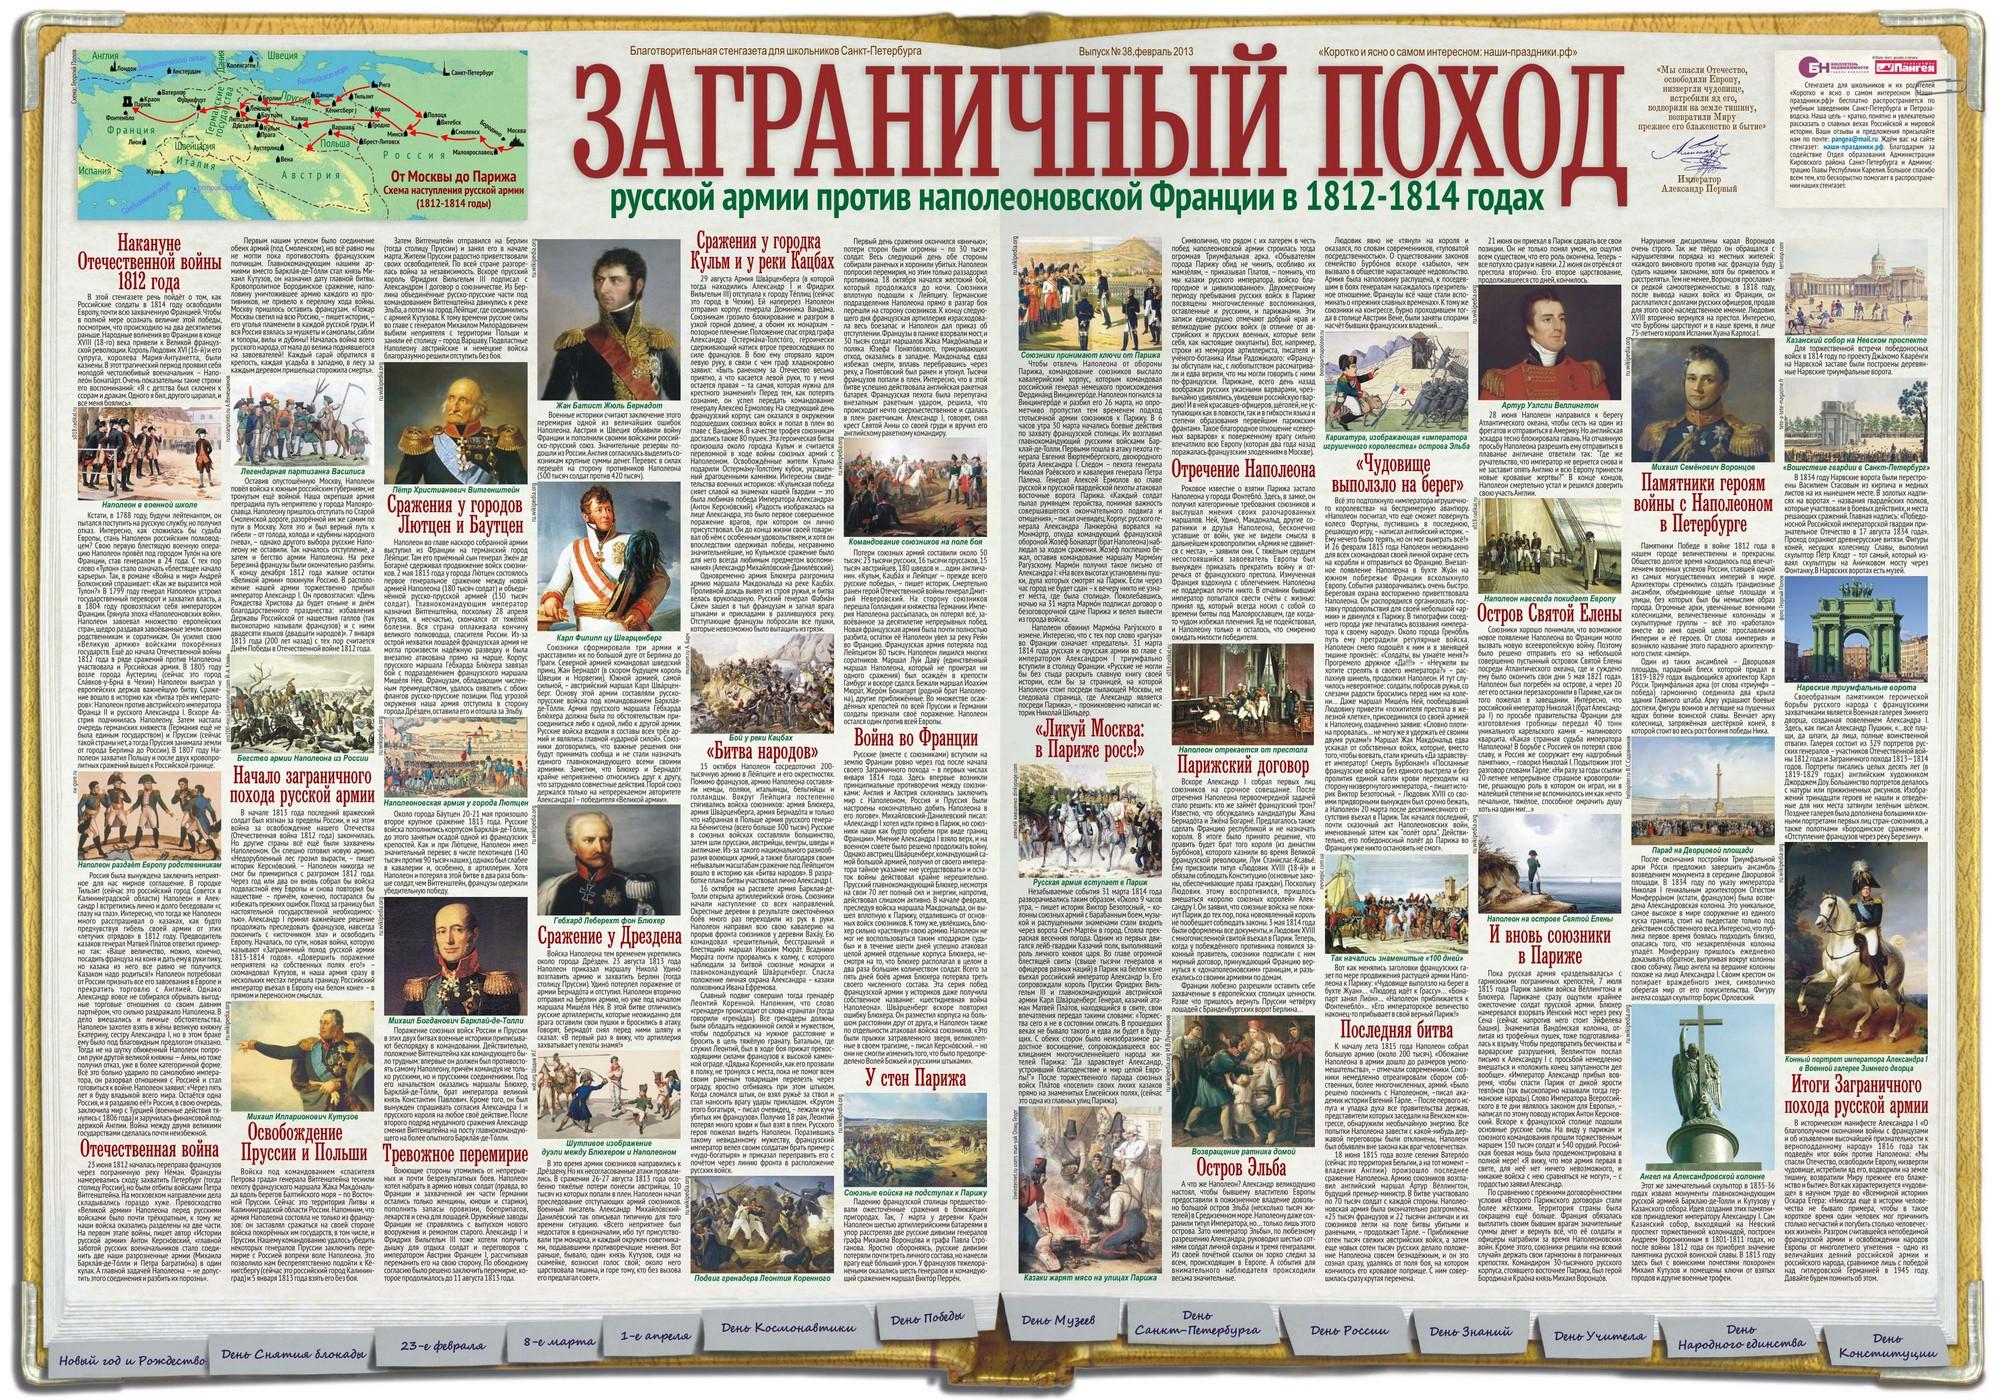 Стенгазета Заграничный поход русской армии 1813-1814 годов